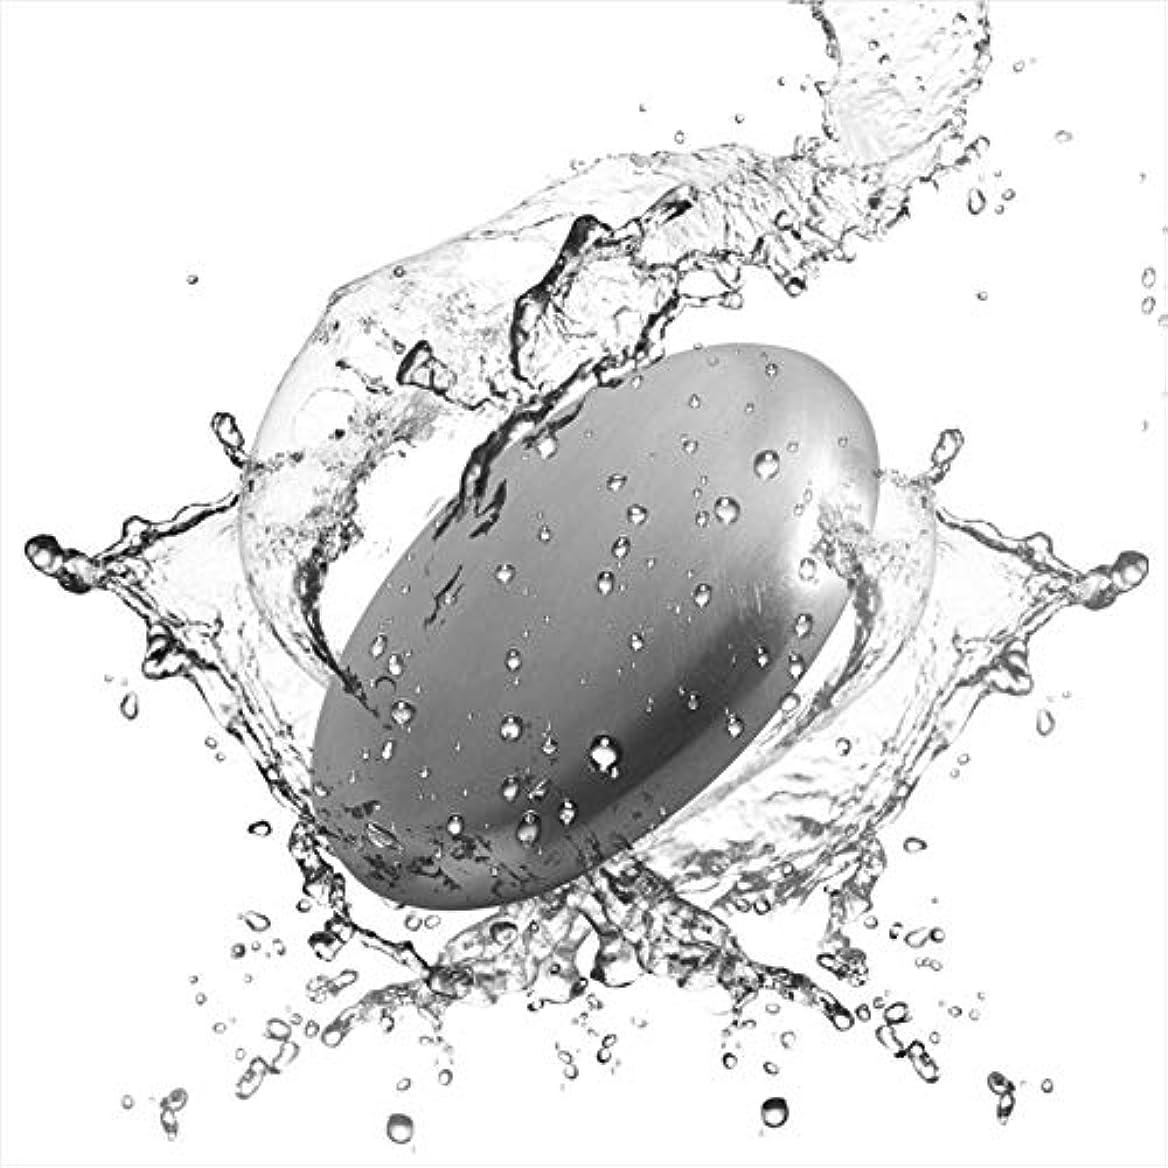 怒るクラッシュヒュームRefoiner ステンレス製品 ソープ 実用的な台所用具 石鹸 魚臭 玉ねぎやニンニク 異臭を取り除く 2個